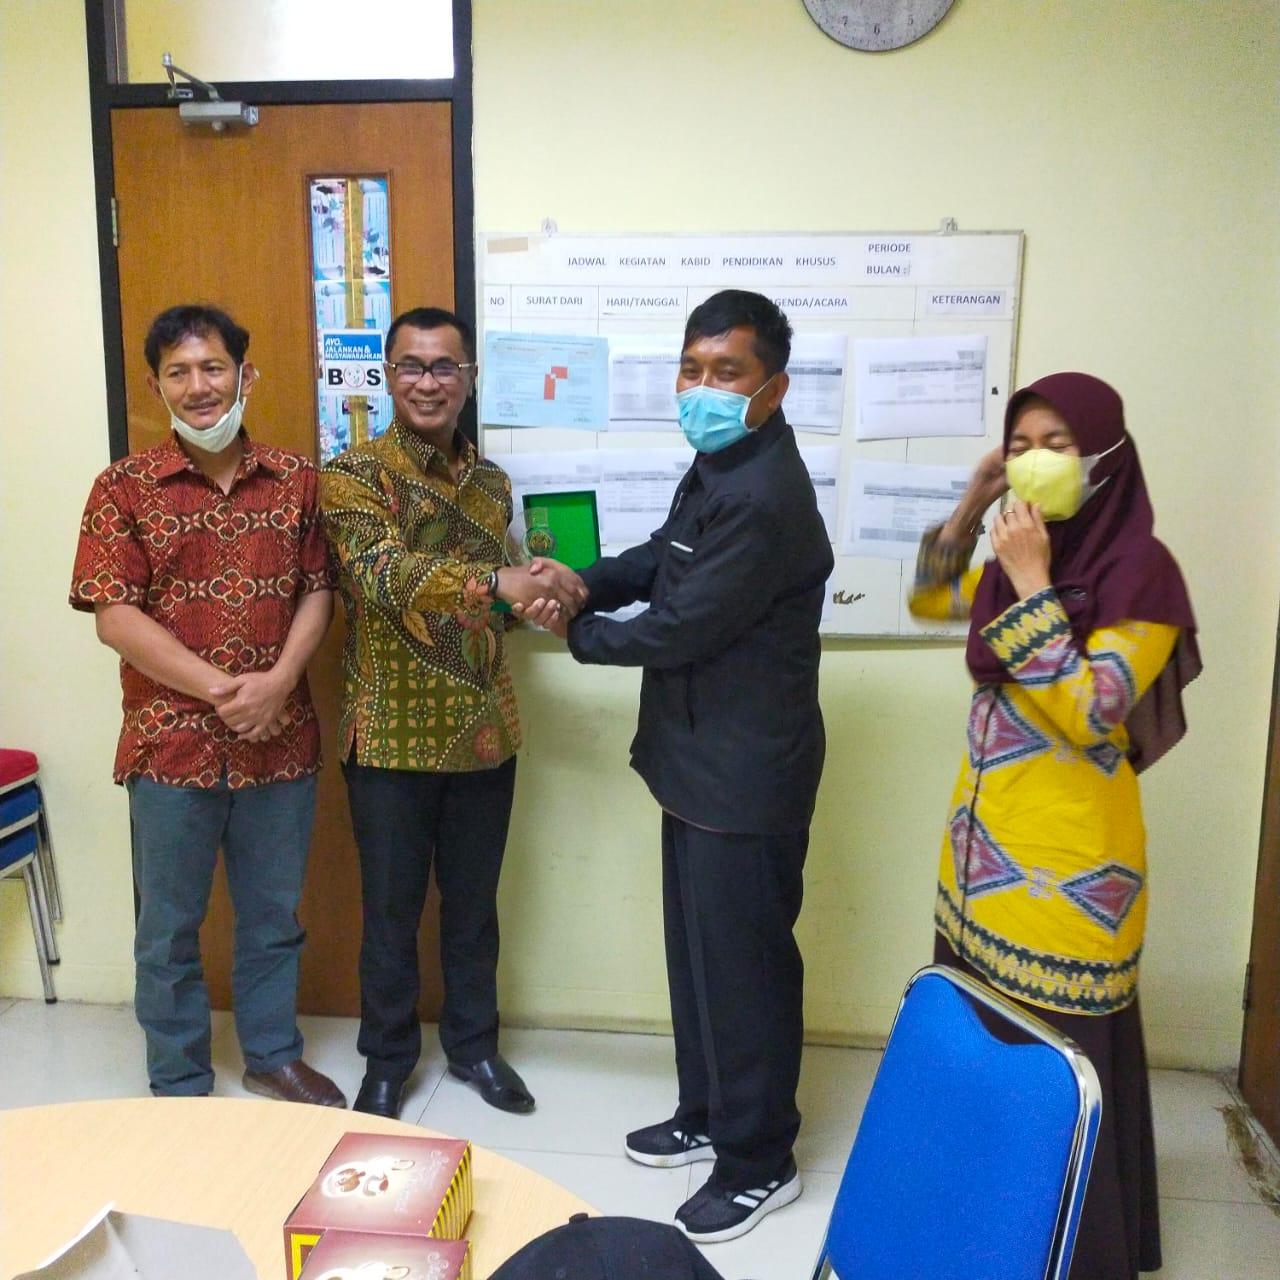 UNINUS Melakukan Audiensi Kerja Sama Dengan Bidang Pendidikan Khusus Dinas Pendidikan Dan Kebudayaan Provinsi Banten